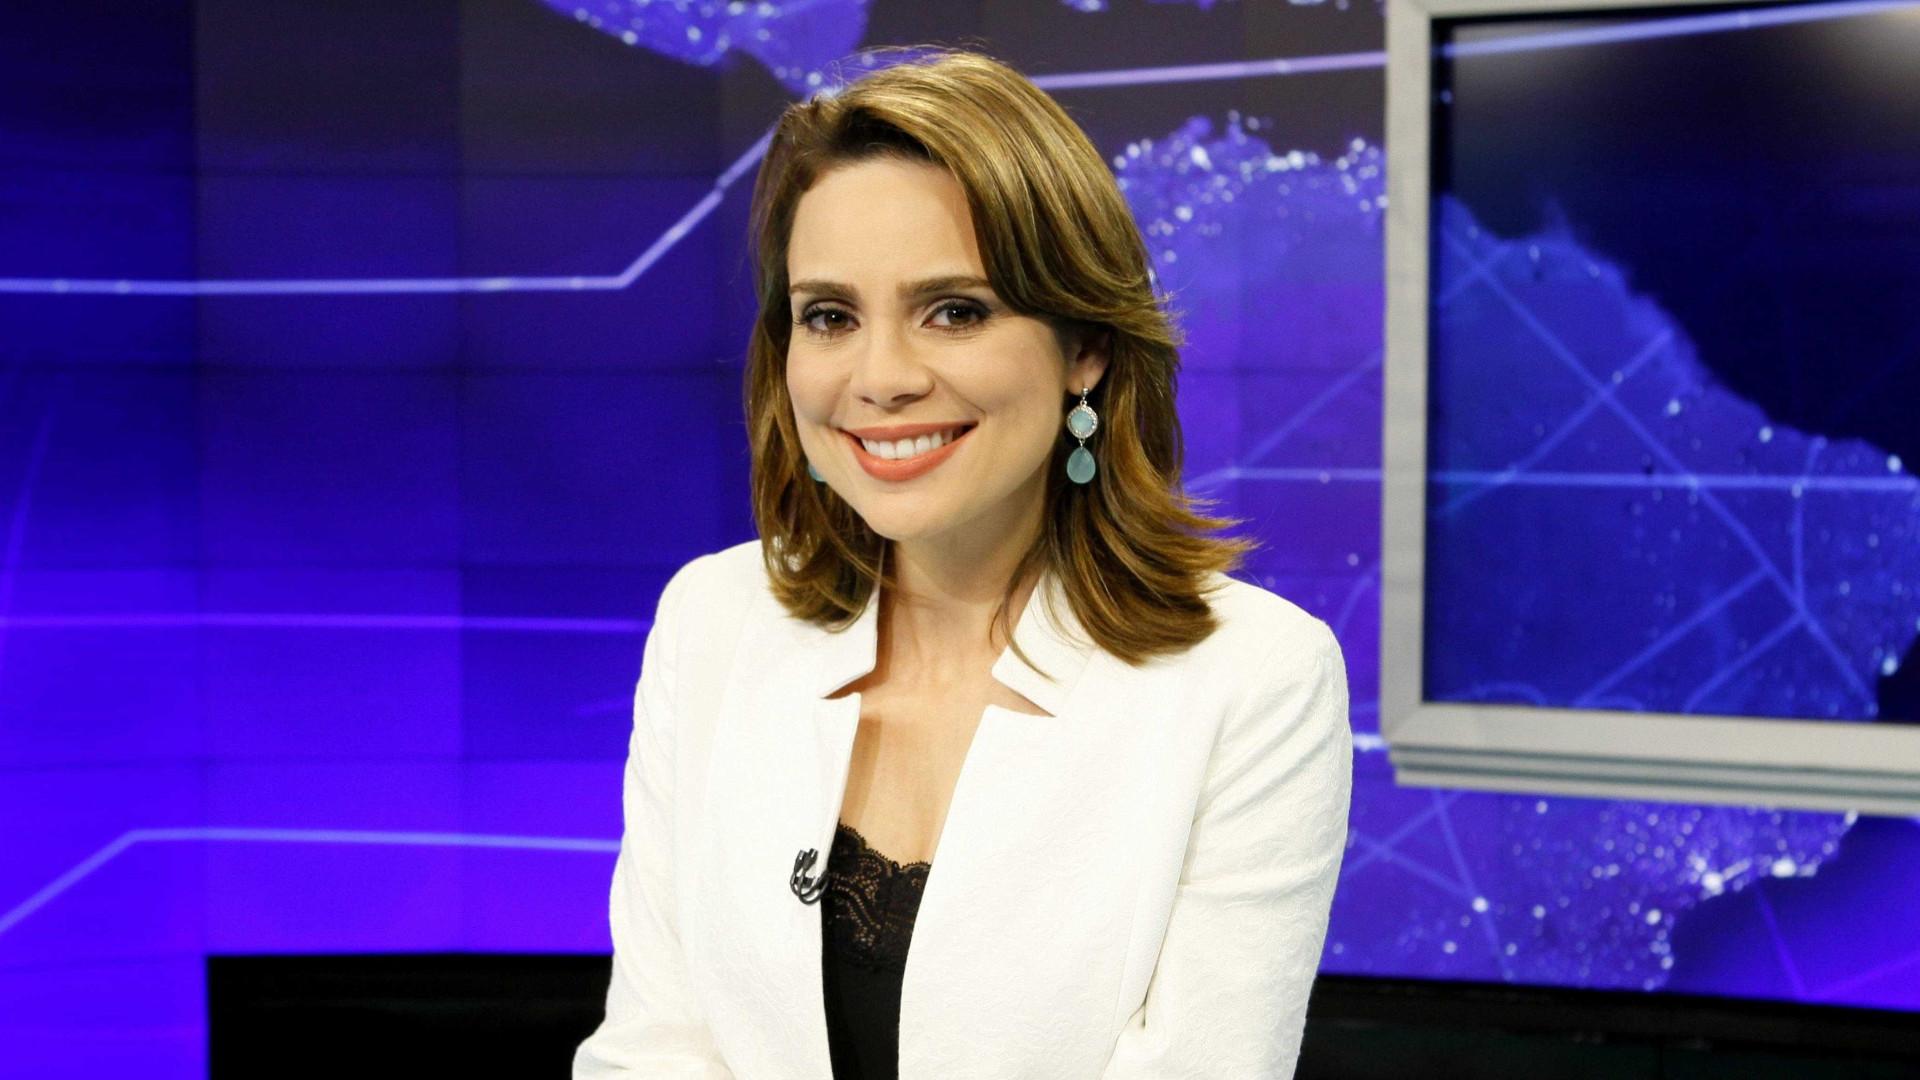 Rachel Sheherazade vira dúvida no SBT